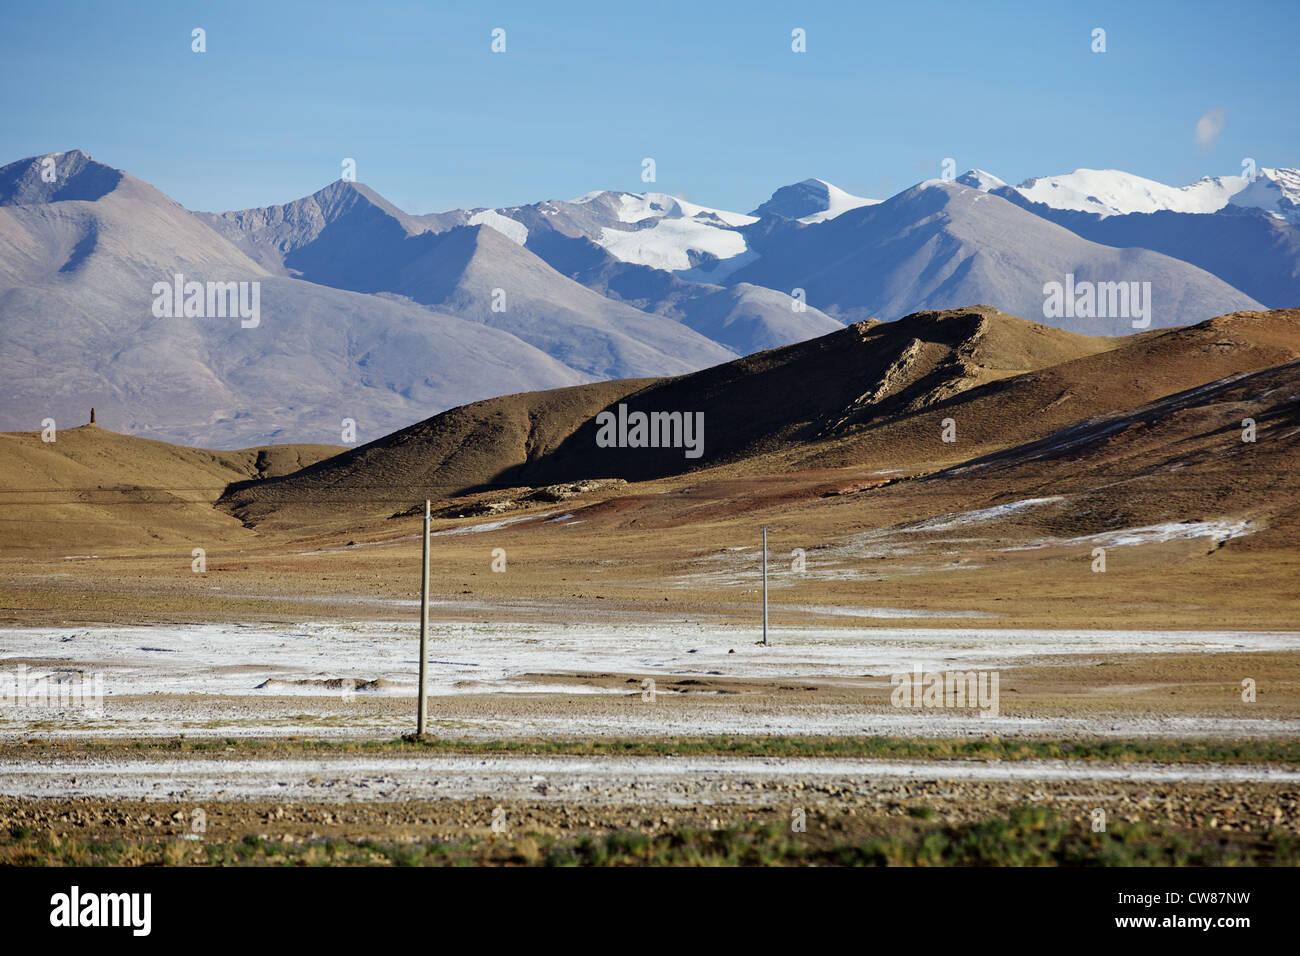 snow Tibet travel mountains - Stock Image